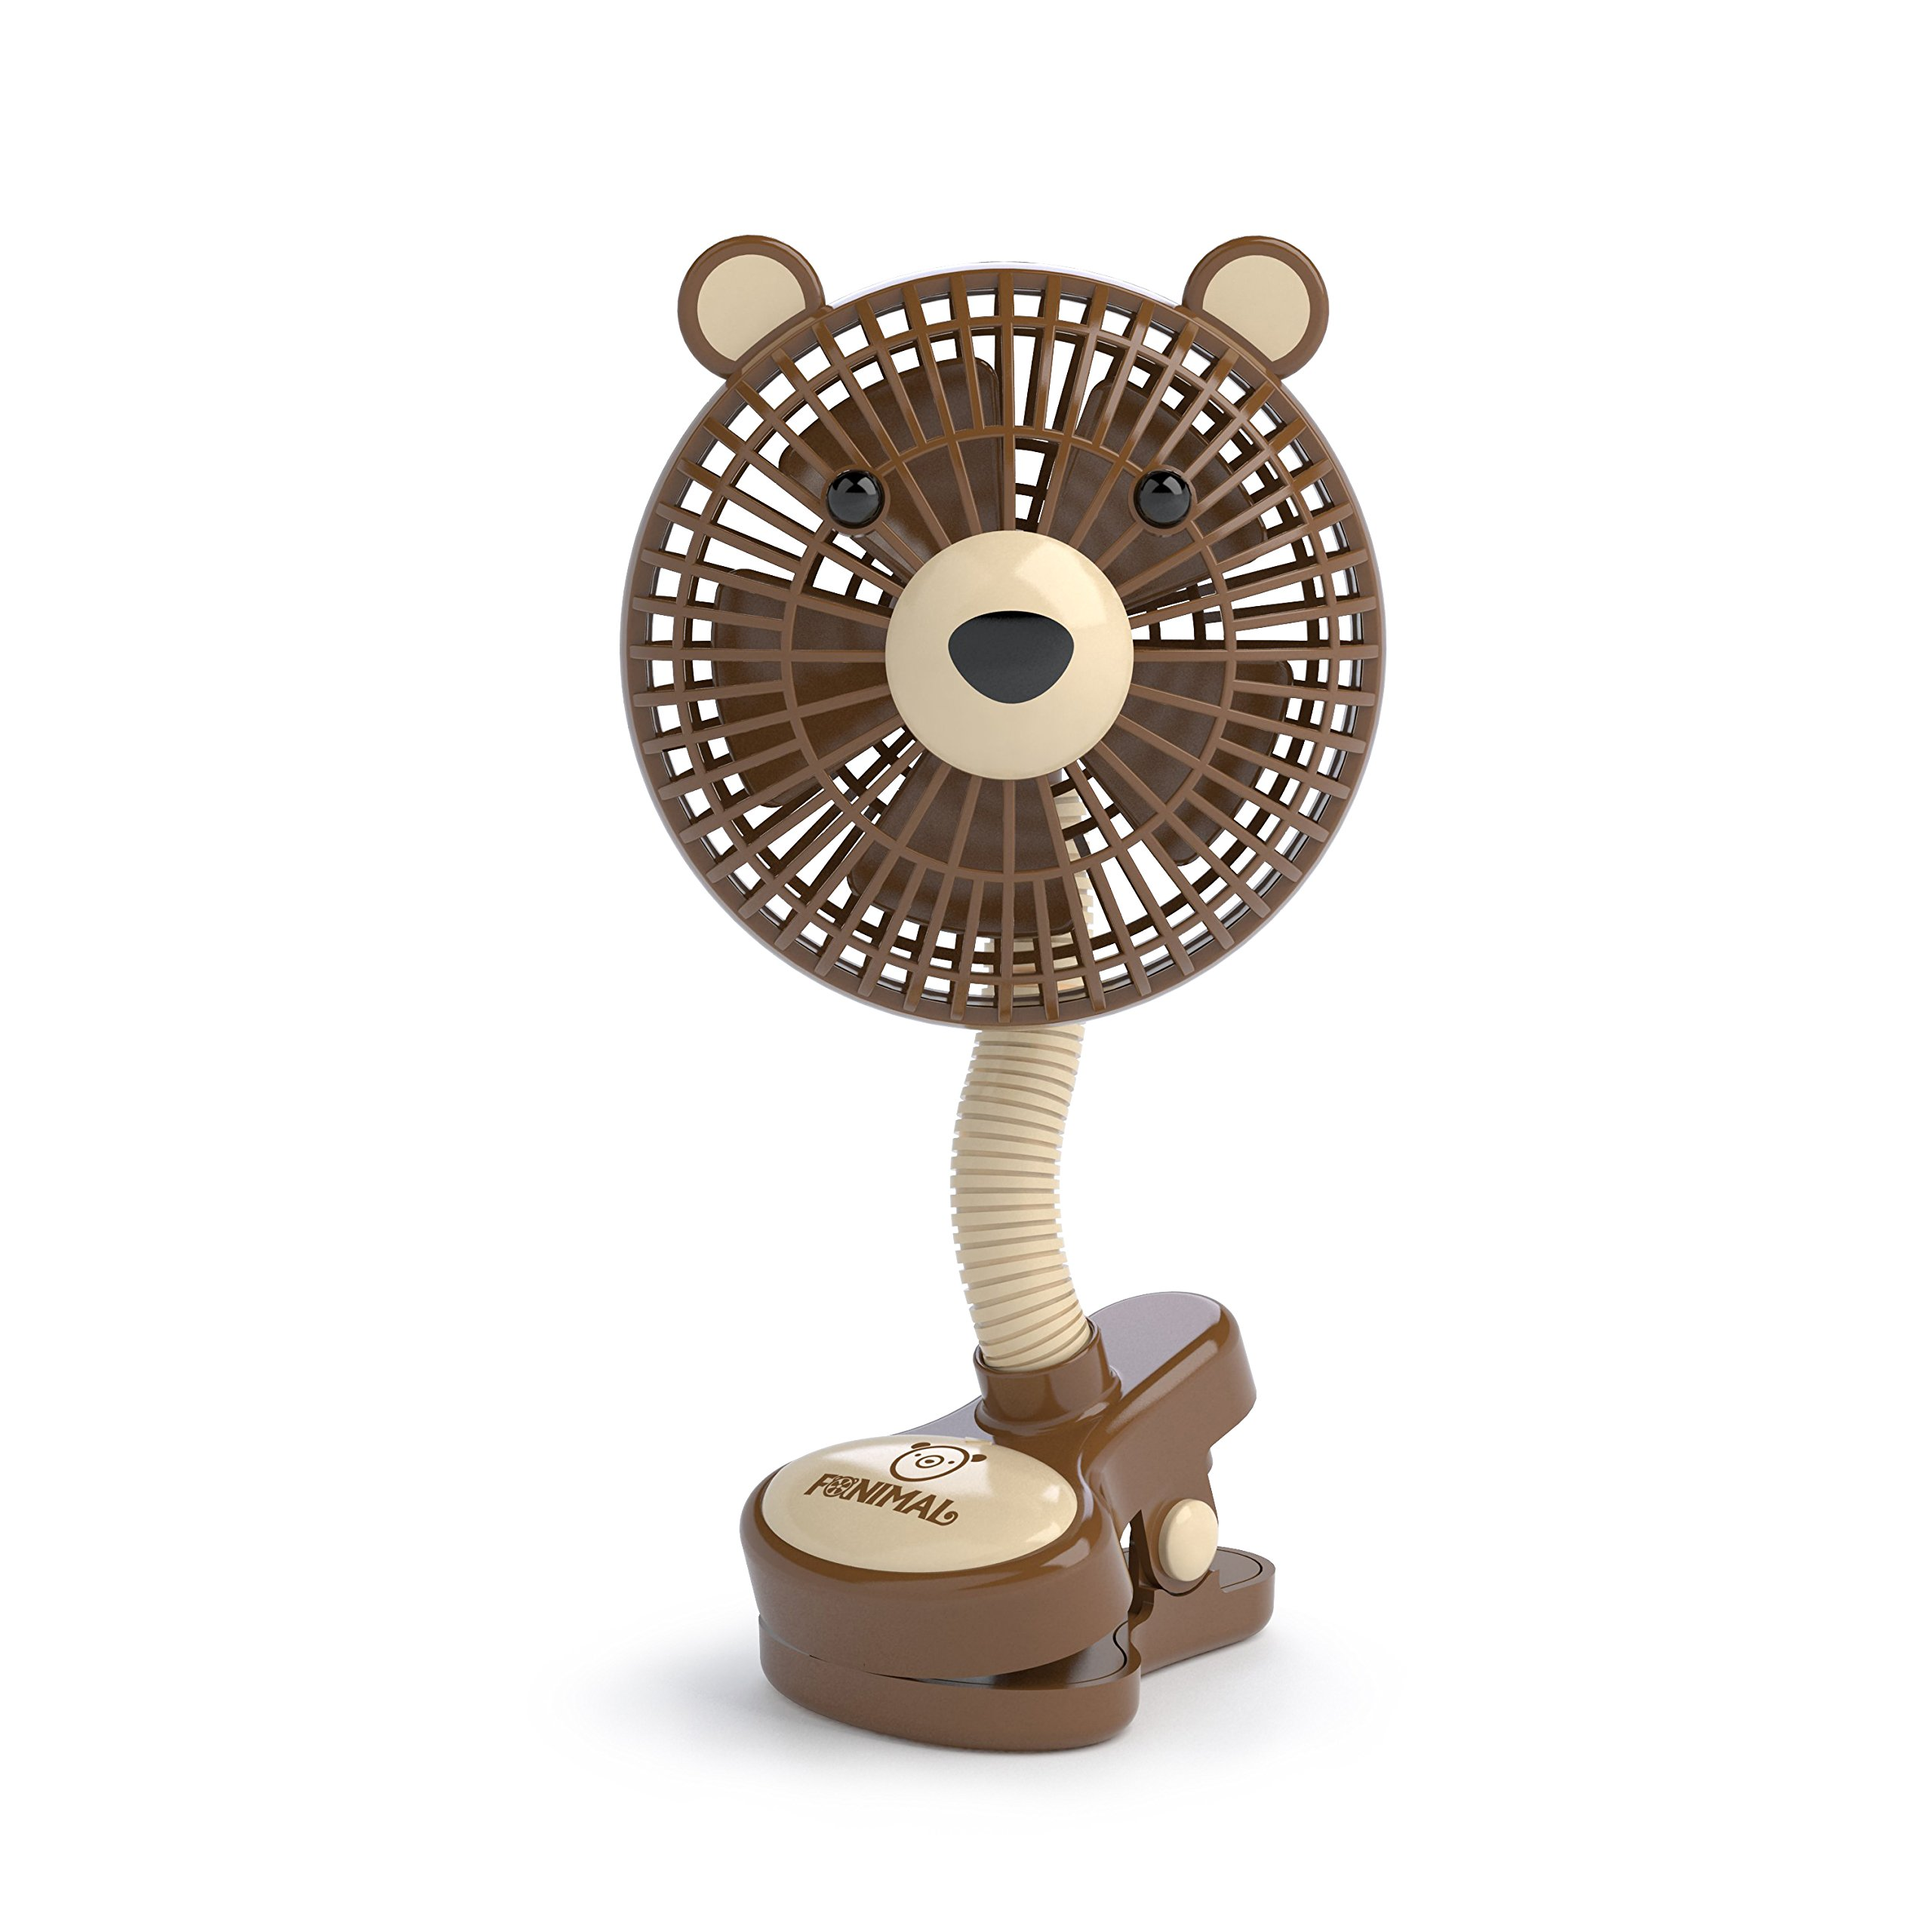 LIVION Fanimal Clip-On Stroller Fan 5'' - Portable Baby Fan with Clip - Mini Desk Fan - Cute Stroller Fan with Animal Designs - Adjustable Gooseneck - USB/Battery Powered (BOBEAR) by LIVION